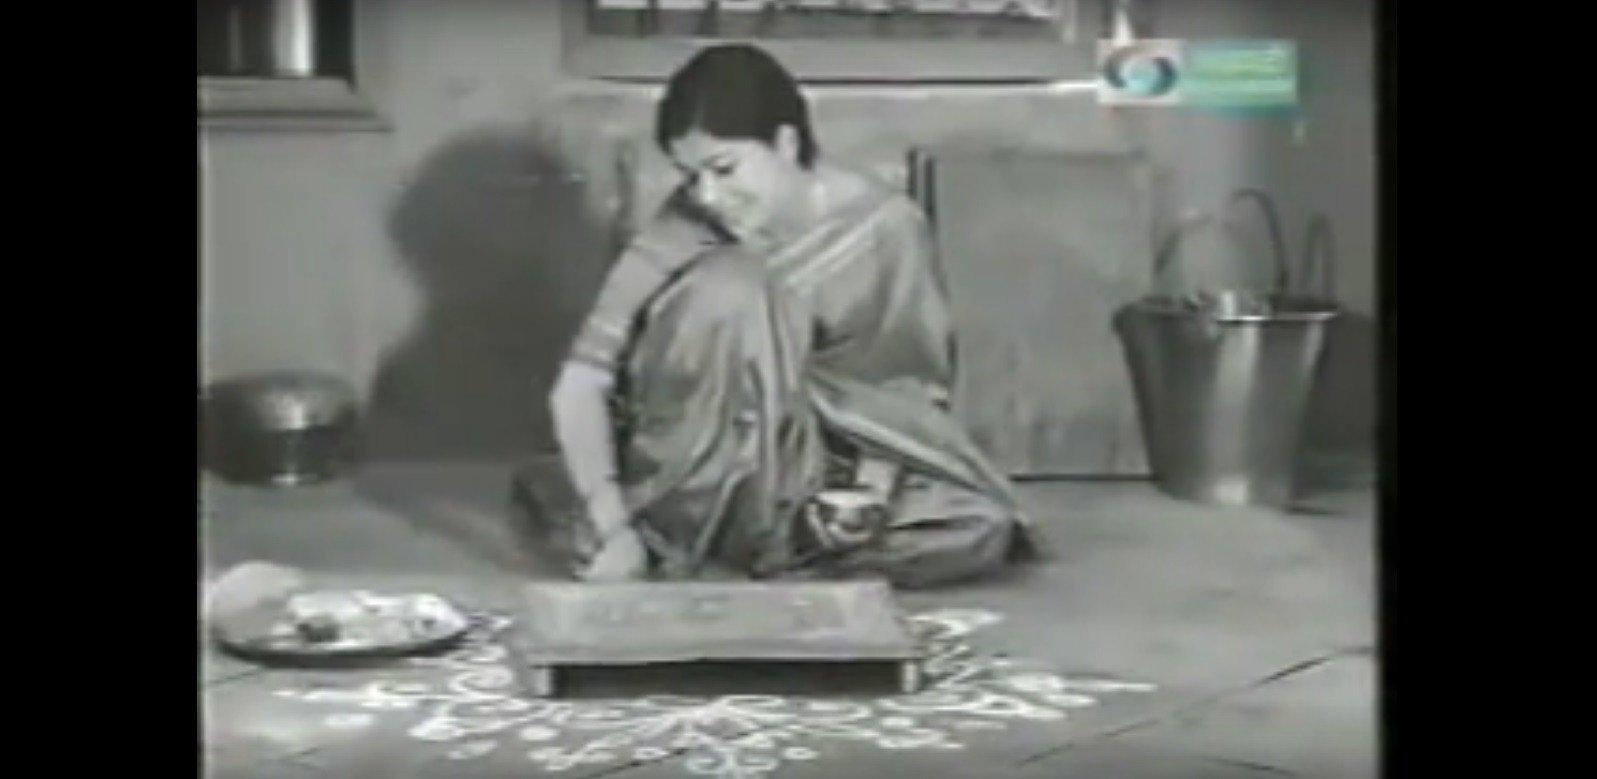 मराठी सिनेमातलं नातं भावा बहिणीचं!